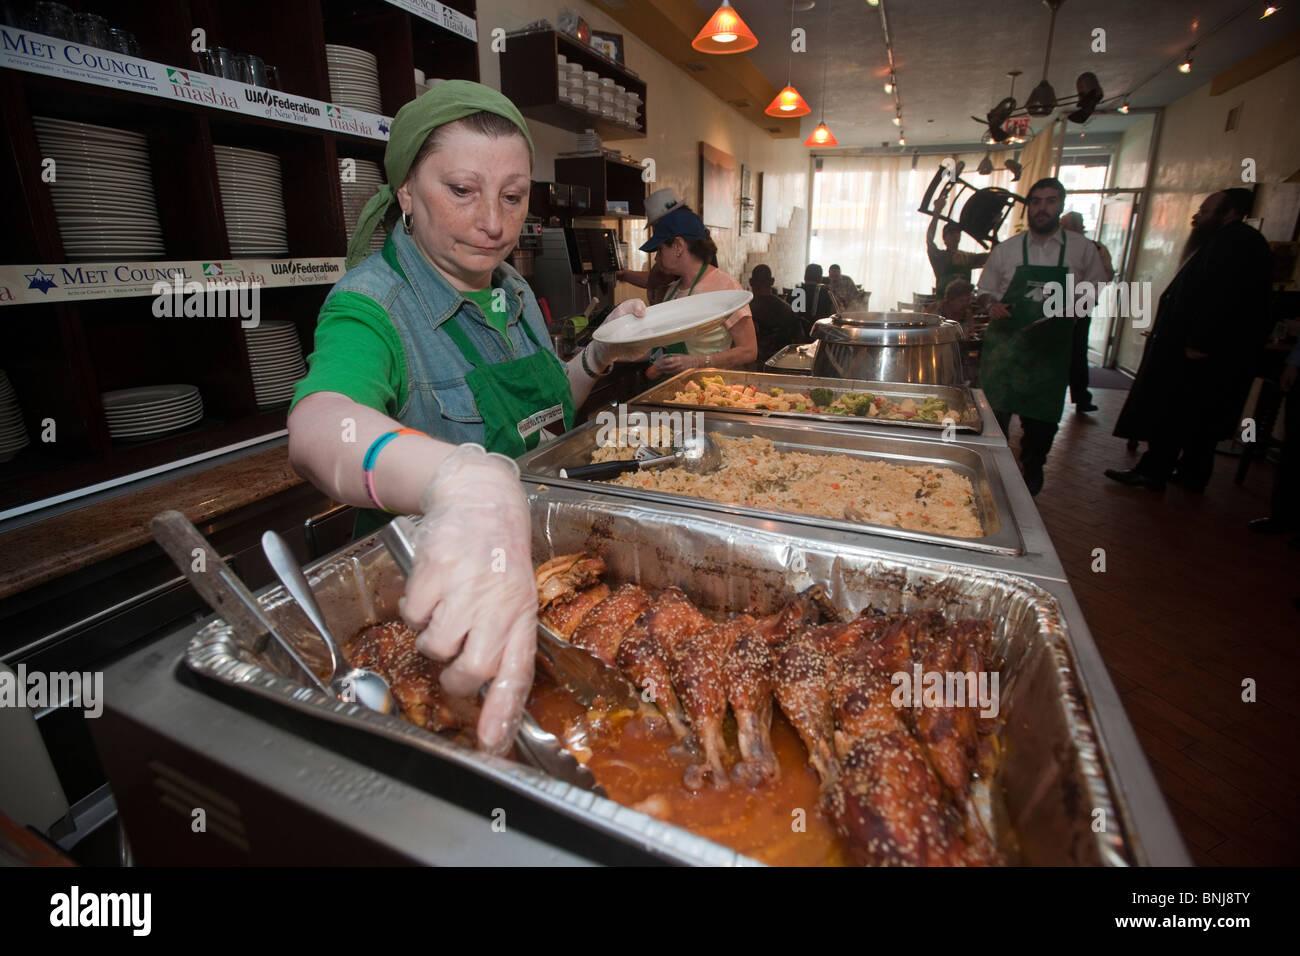 Die Masbia koscher Suppenküche im Stadtteil Flatbush, Brooklyn in ...